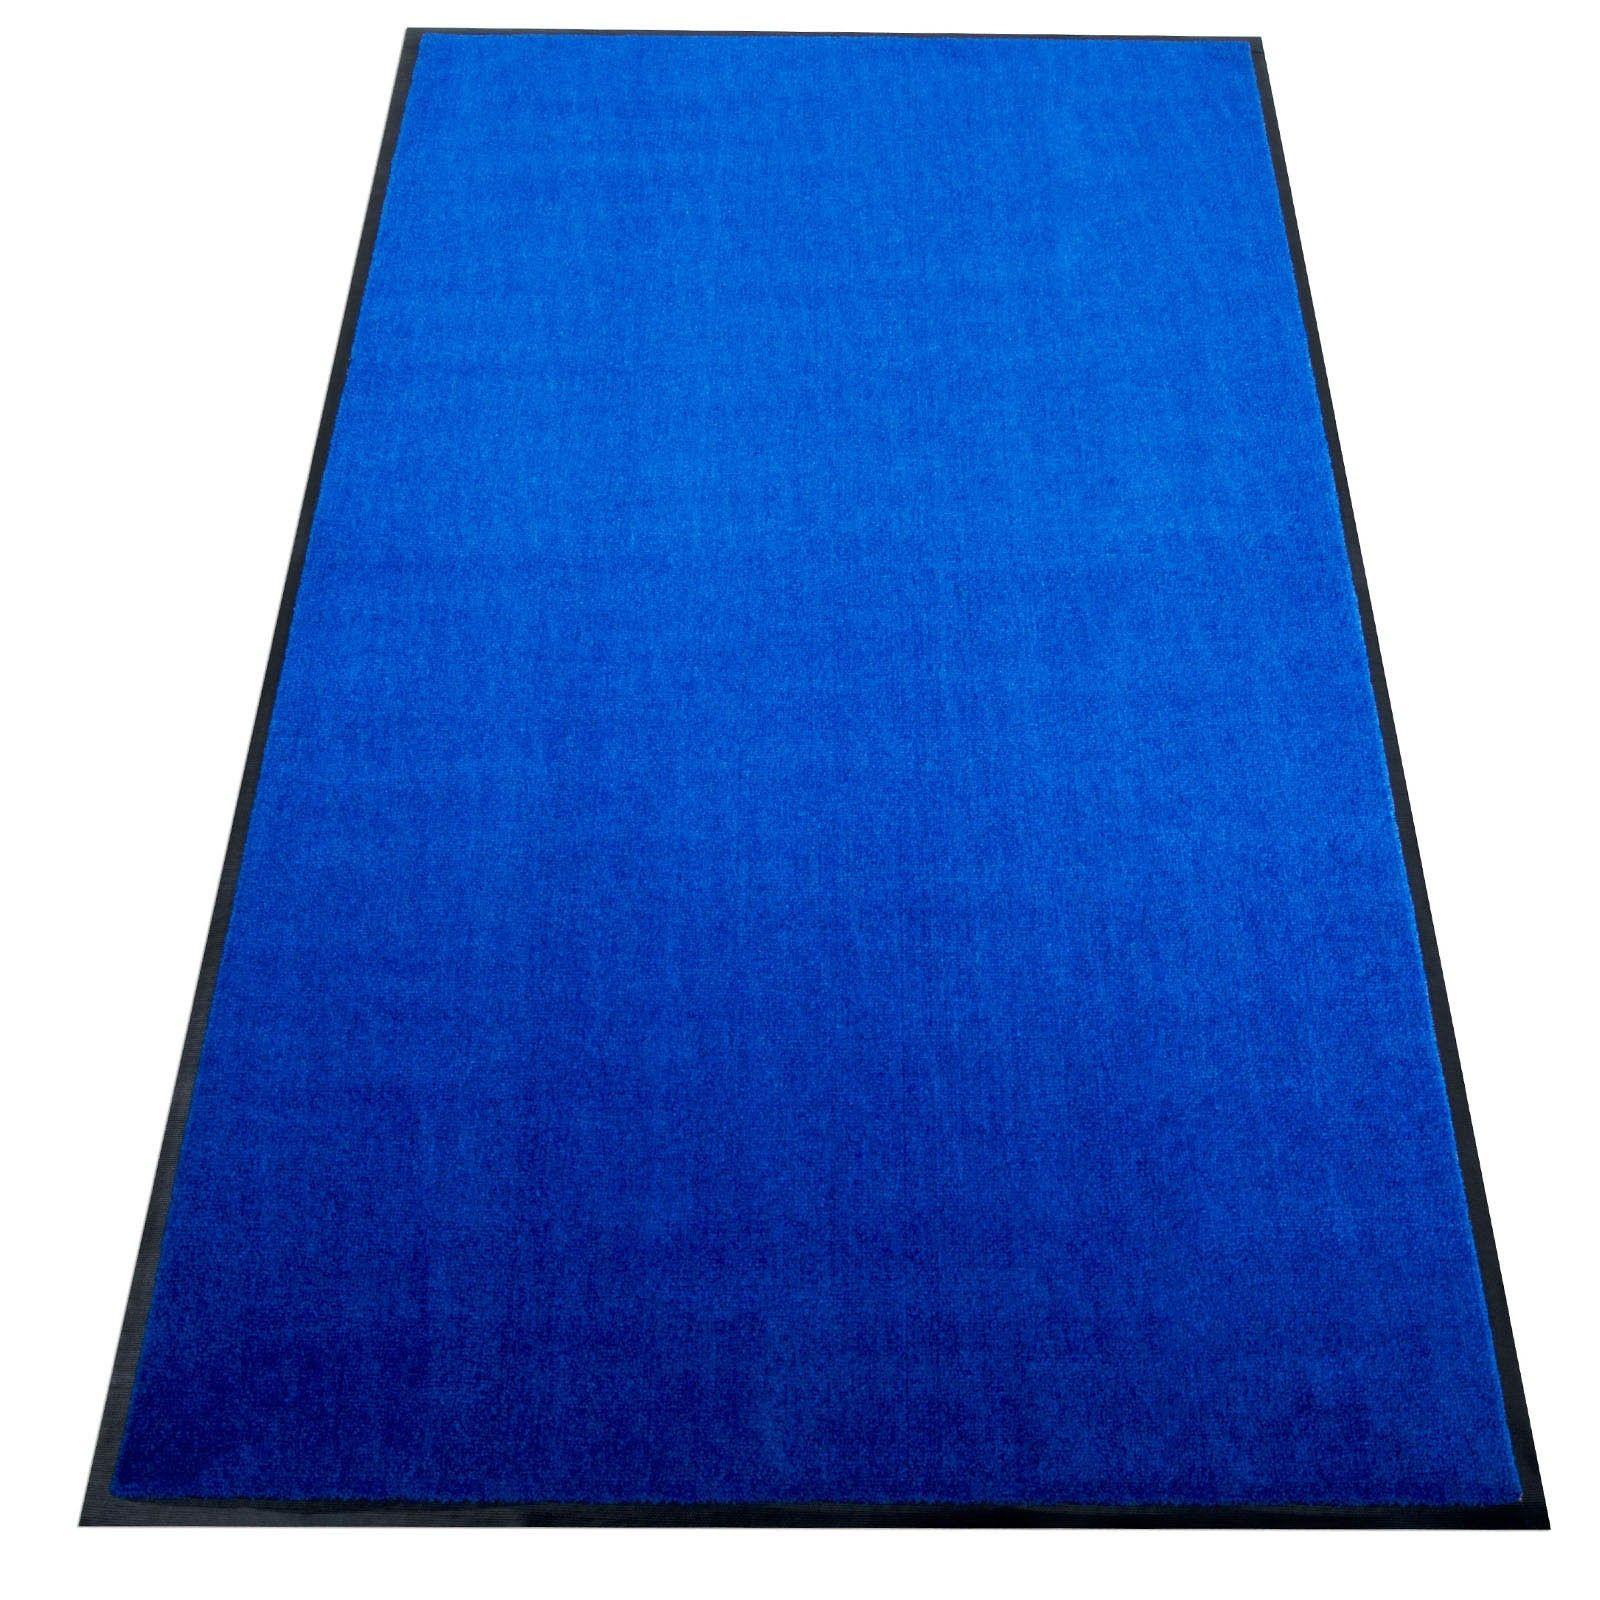 Schmutzfangmatte Wash http mattenlager de schmutzfangmatte use wash blau